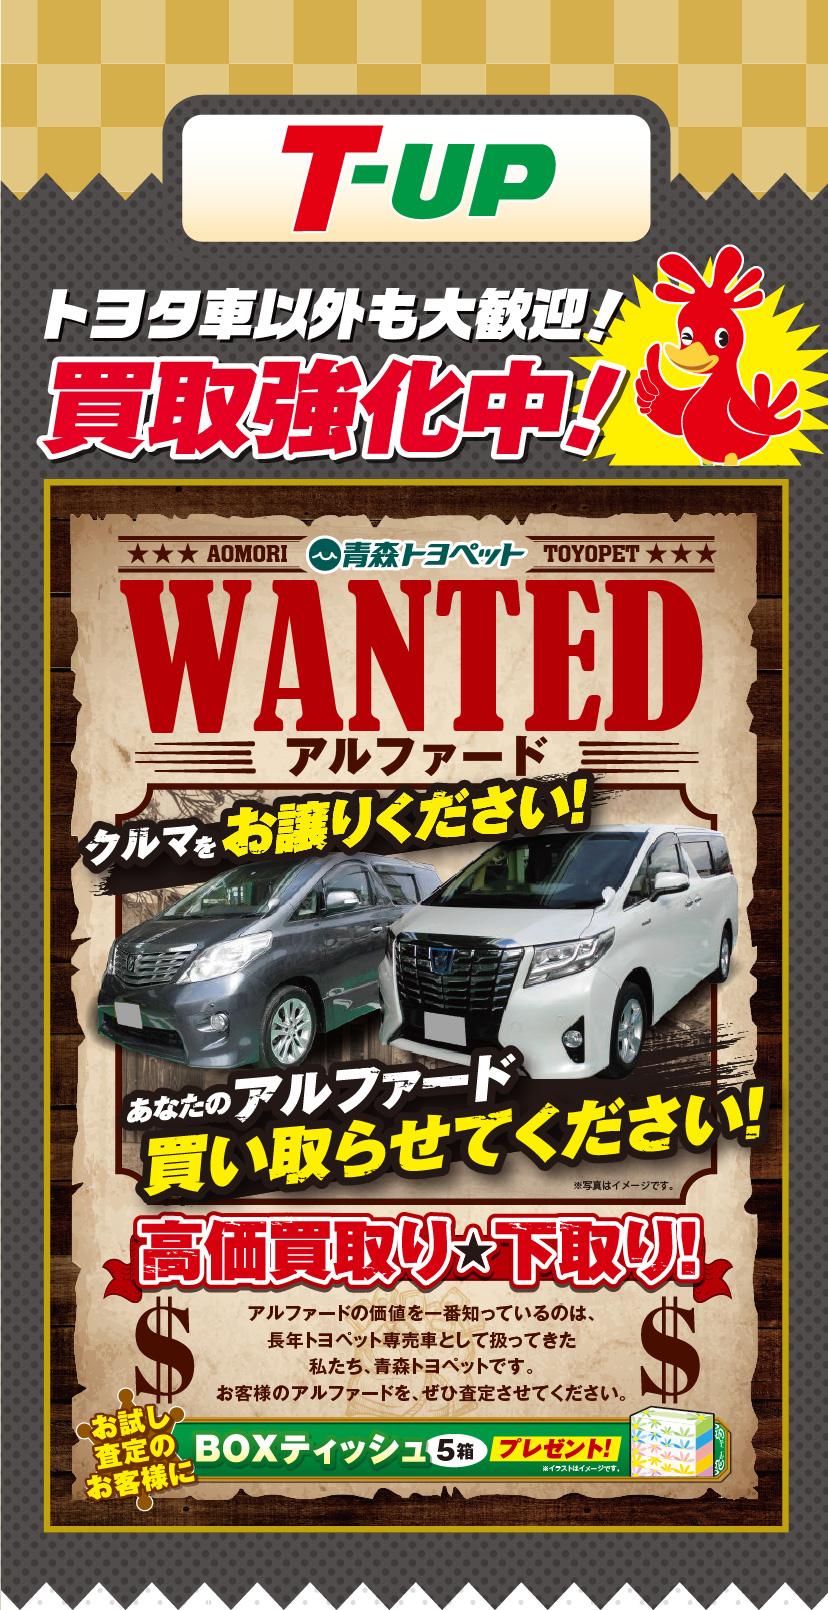 T-UP、トヨタ車以外も大歓迎!買取強化中!WANTED アルファード:クルマをお譲りください!あなたのアルファード買い取らせてください!高価買取り★下取り!アルファードの価値を一番知っているのは、長年トヨペット専売車として扱ってきた私たち、青森トヨペットです。お客様のアルファードを、ぜひ査定させてください。お試し査定のお客様にBOXティッシュ(5箱)プレゼント!